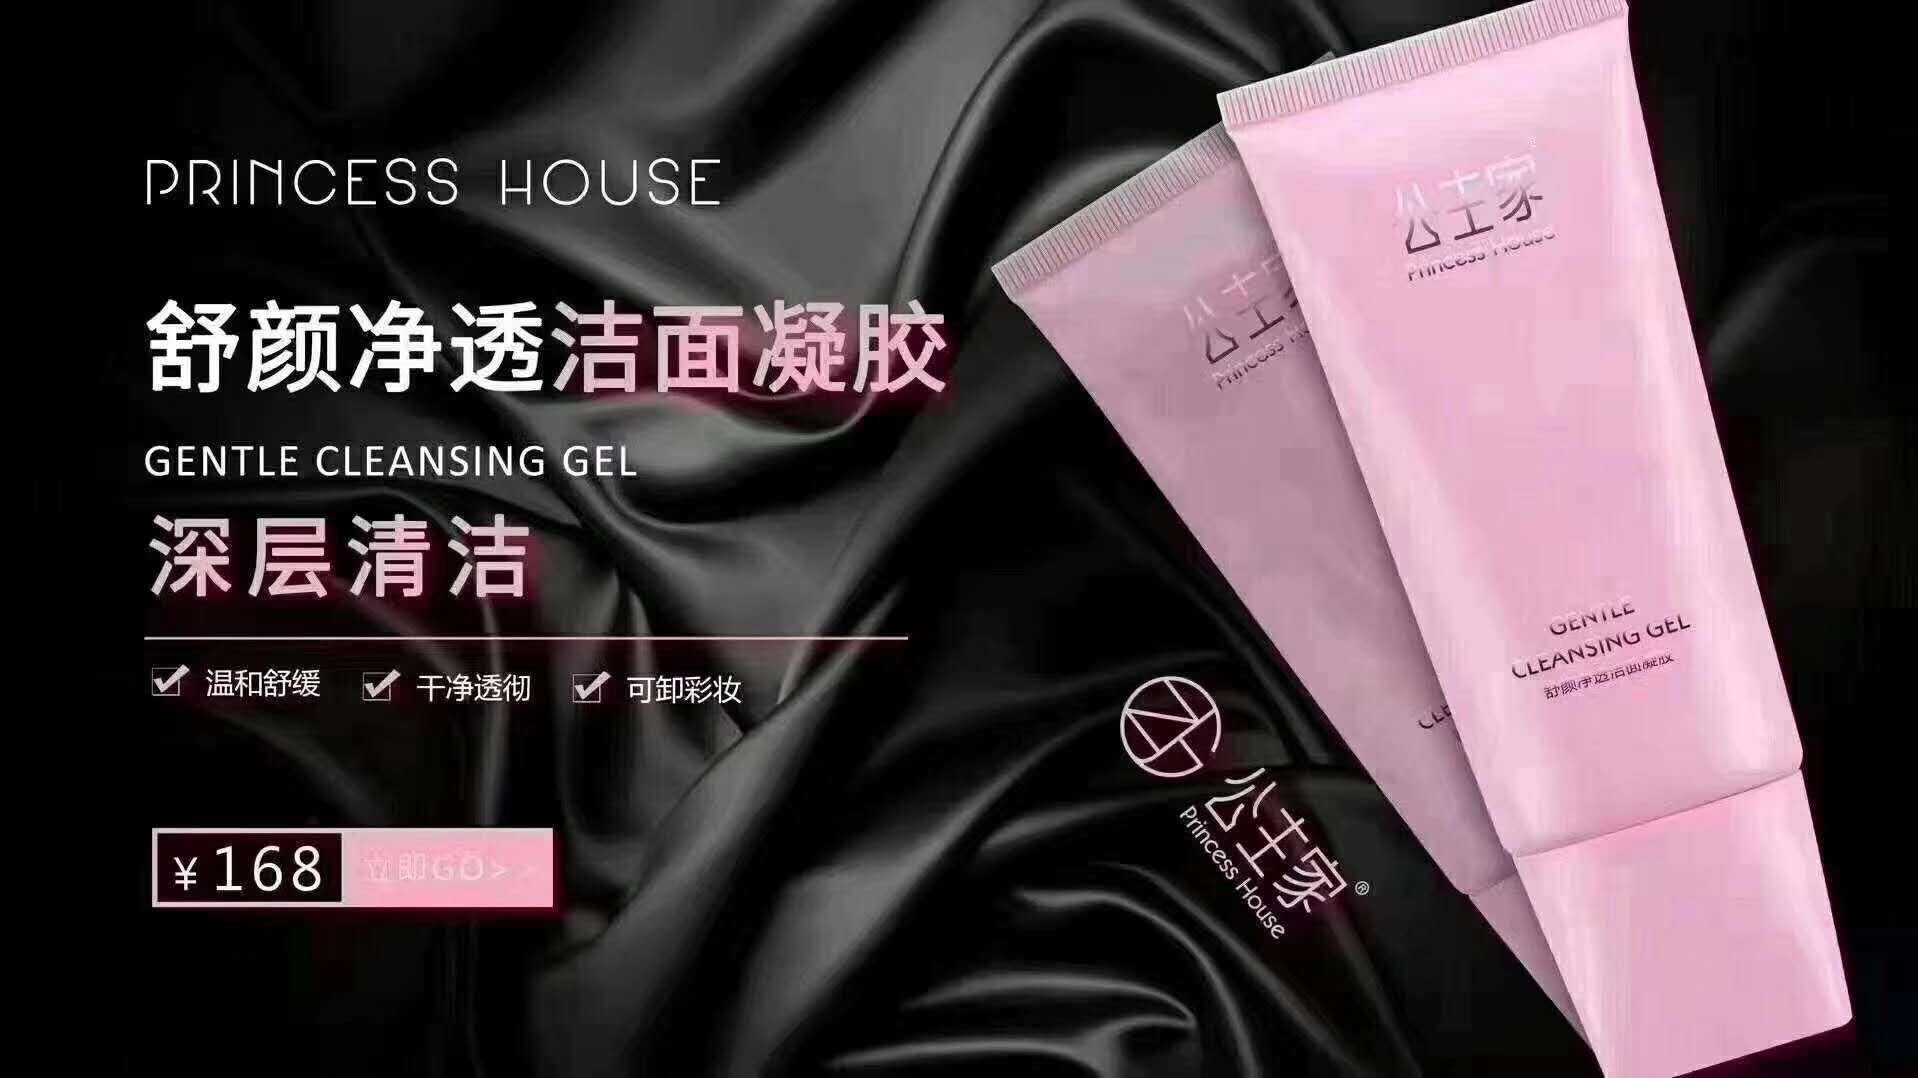 公主家护肤系列【代理中心】一手货源批发